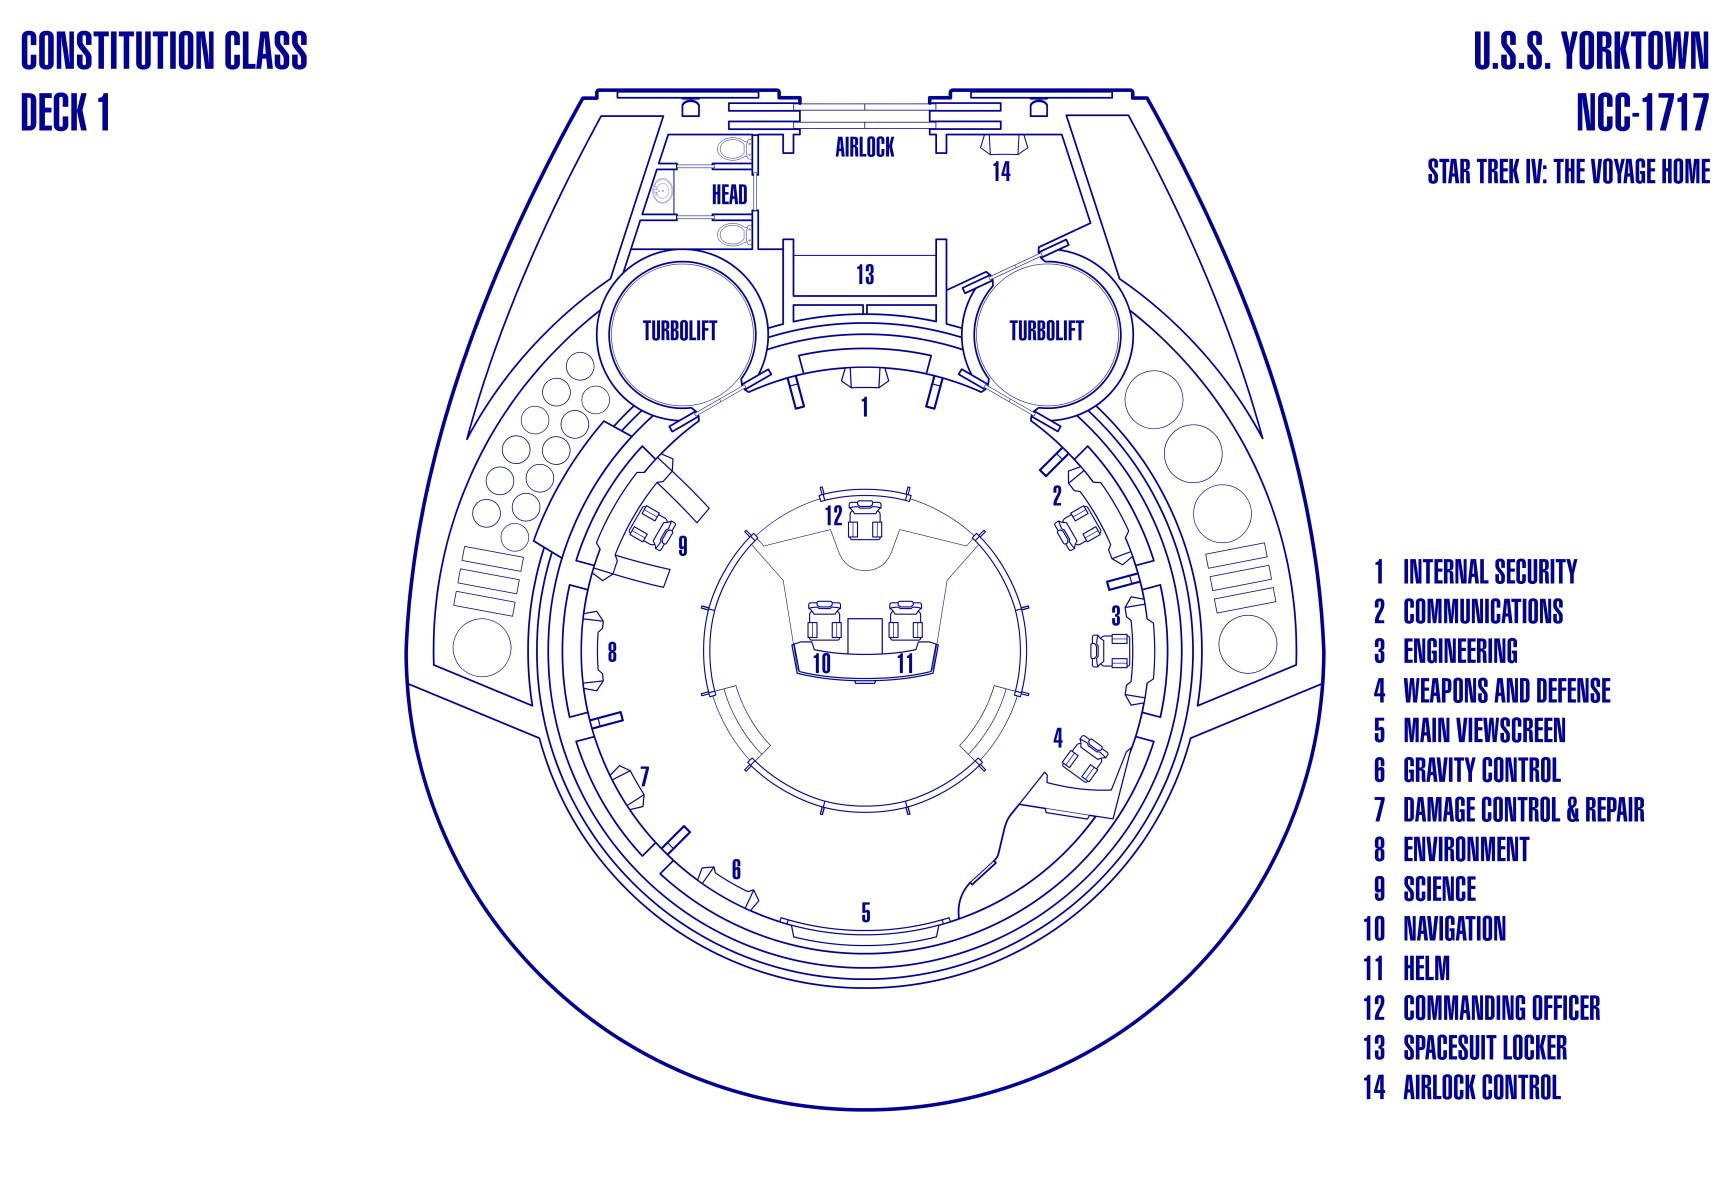 Page_01 Uss Defiant Schematics on uss prometheus, delta flyer schematics, uss reliant schematics, uss voyager, uss yamaguchi, deep space nine schematics, uss vengeance star trek, runabout schematics, uss reliant deck plans, uss titan schematics, uss excalibur, uss excelsior, star trek ship schematics, millennium falcon schematics, uss lst schematic, uss equinox, space station schematics, uss valiant schematics, uss diligent, uss enterprise,